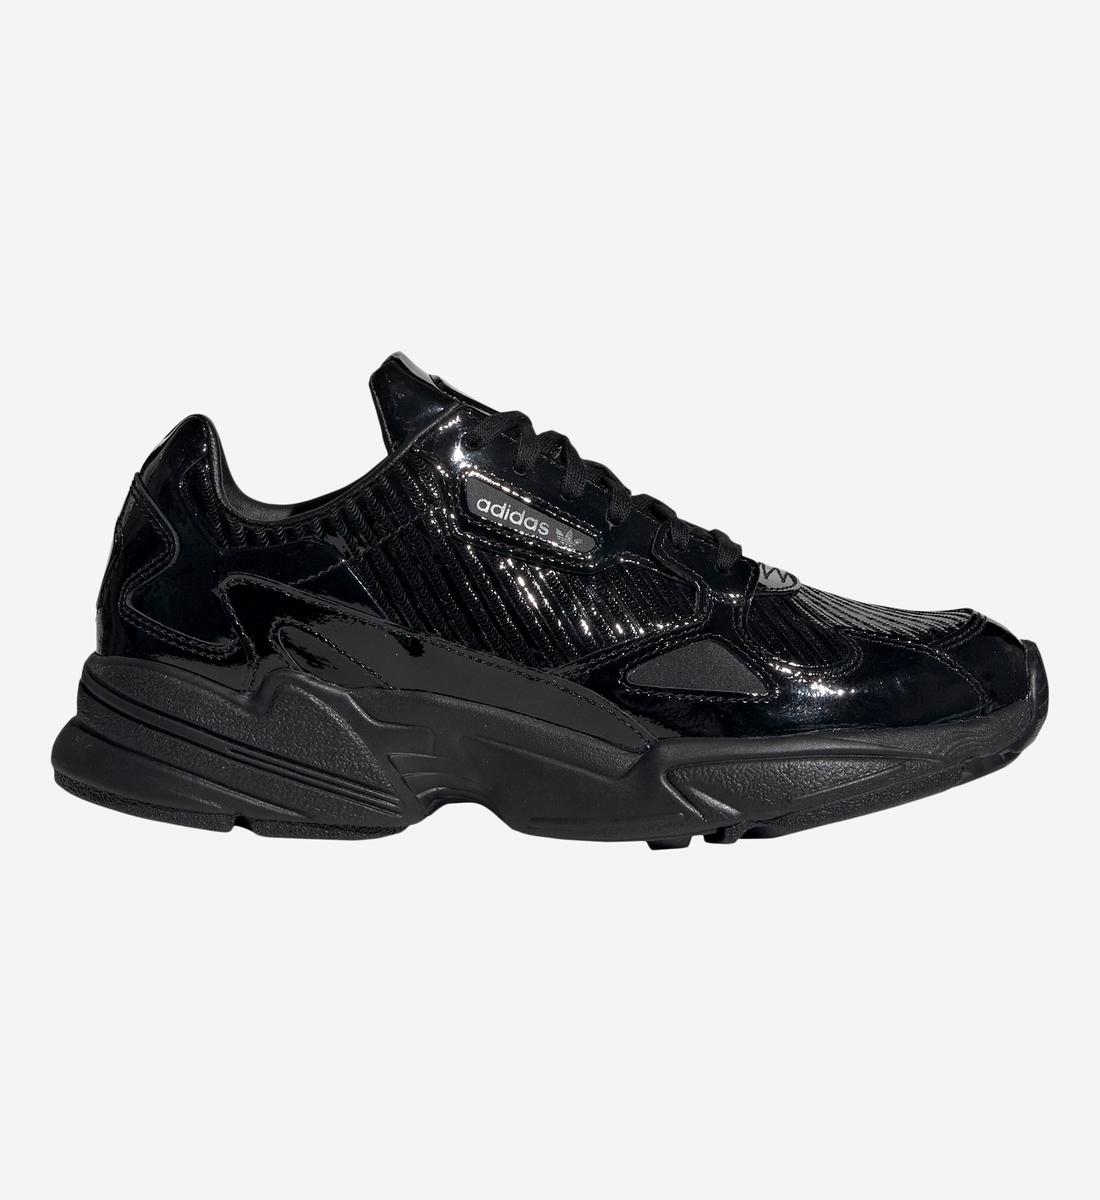 Basses Adidas Baskets Falcon Noir Originals W eWD2HEIY9